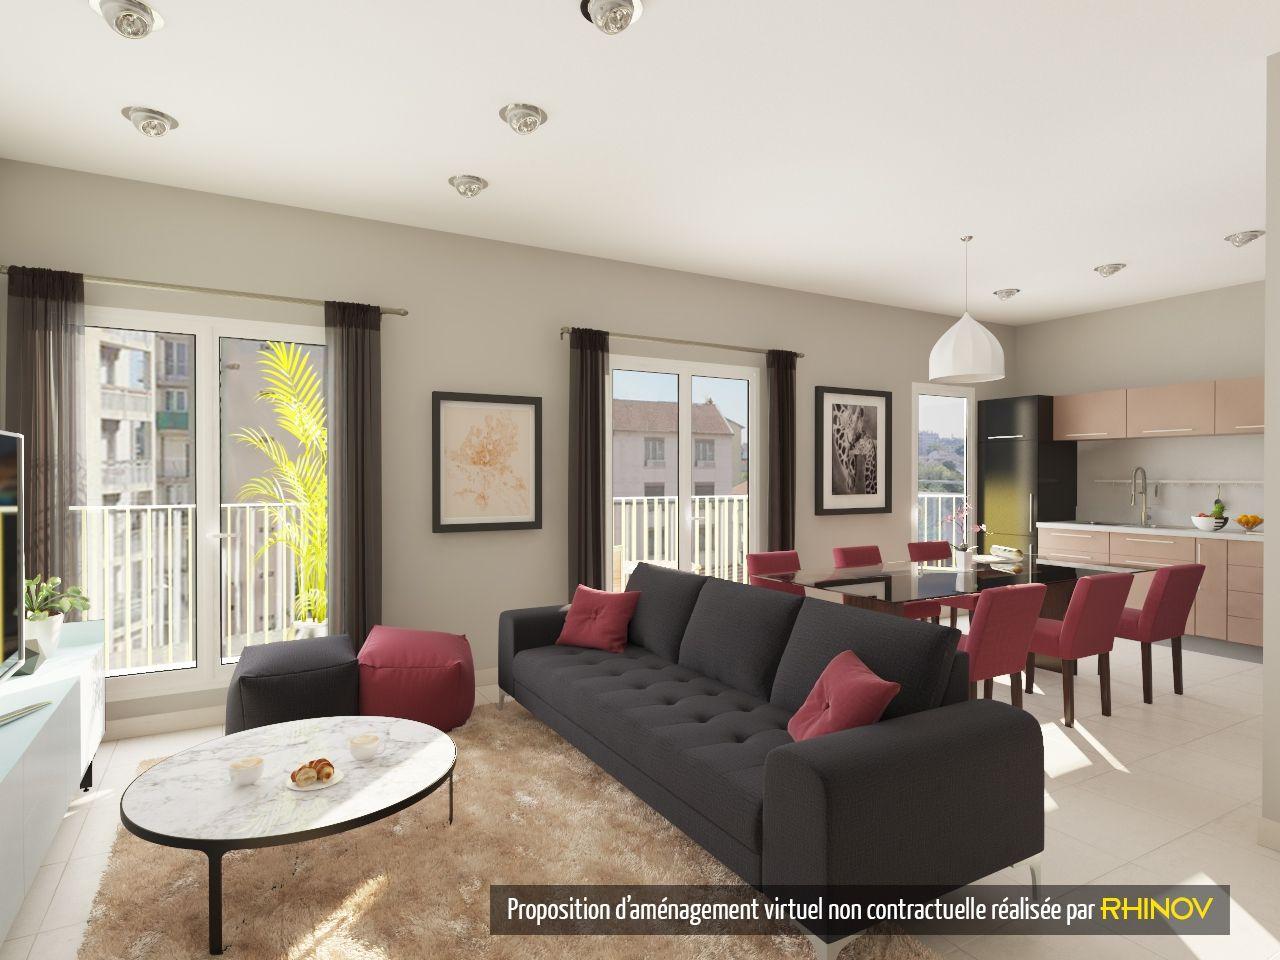 Visuel 3D - RHINOV - Salon séjour - Appartement - Chic | deco salon ...